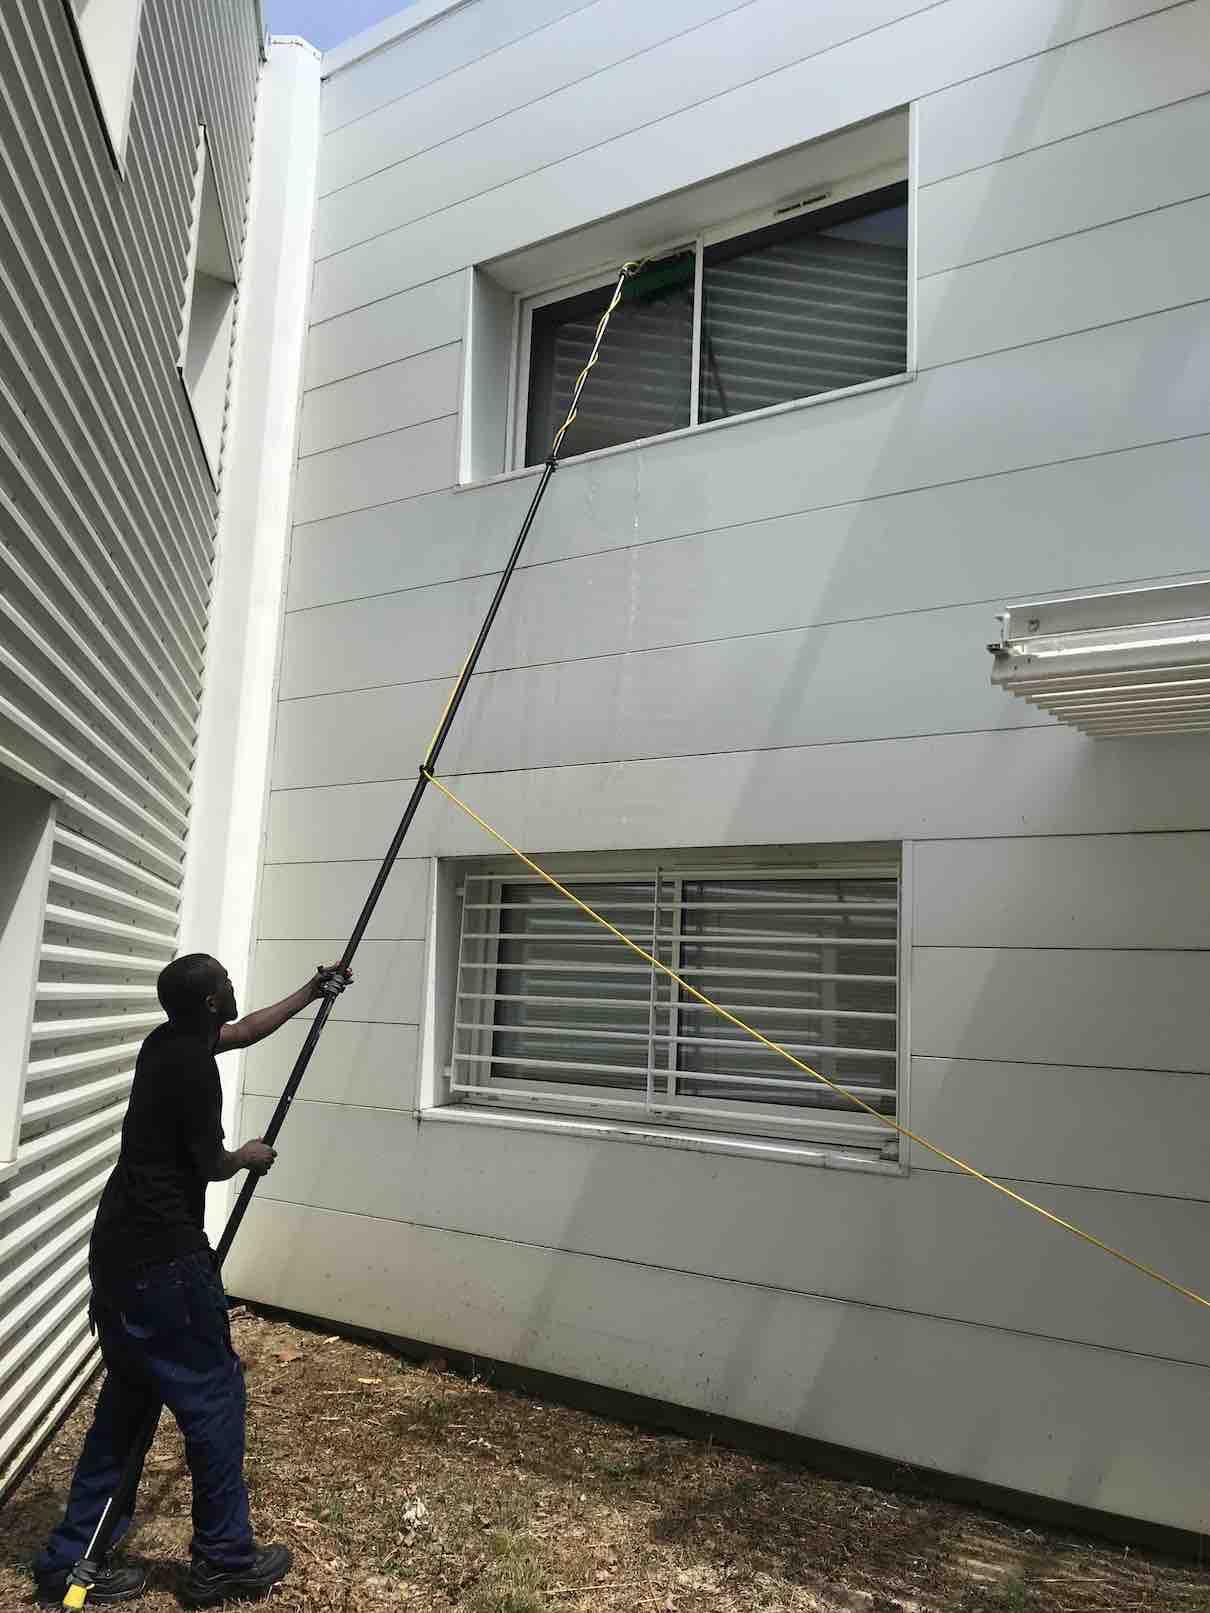 entreprise de nettoyage de vitre saint-orens-de-gameville